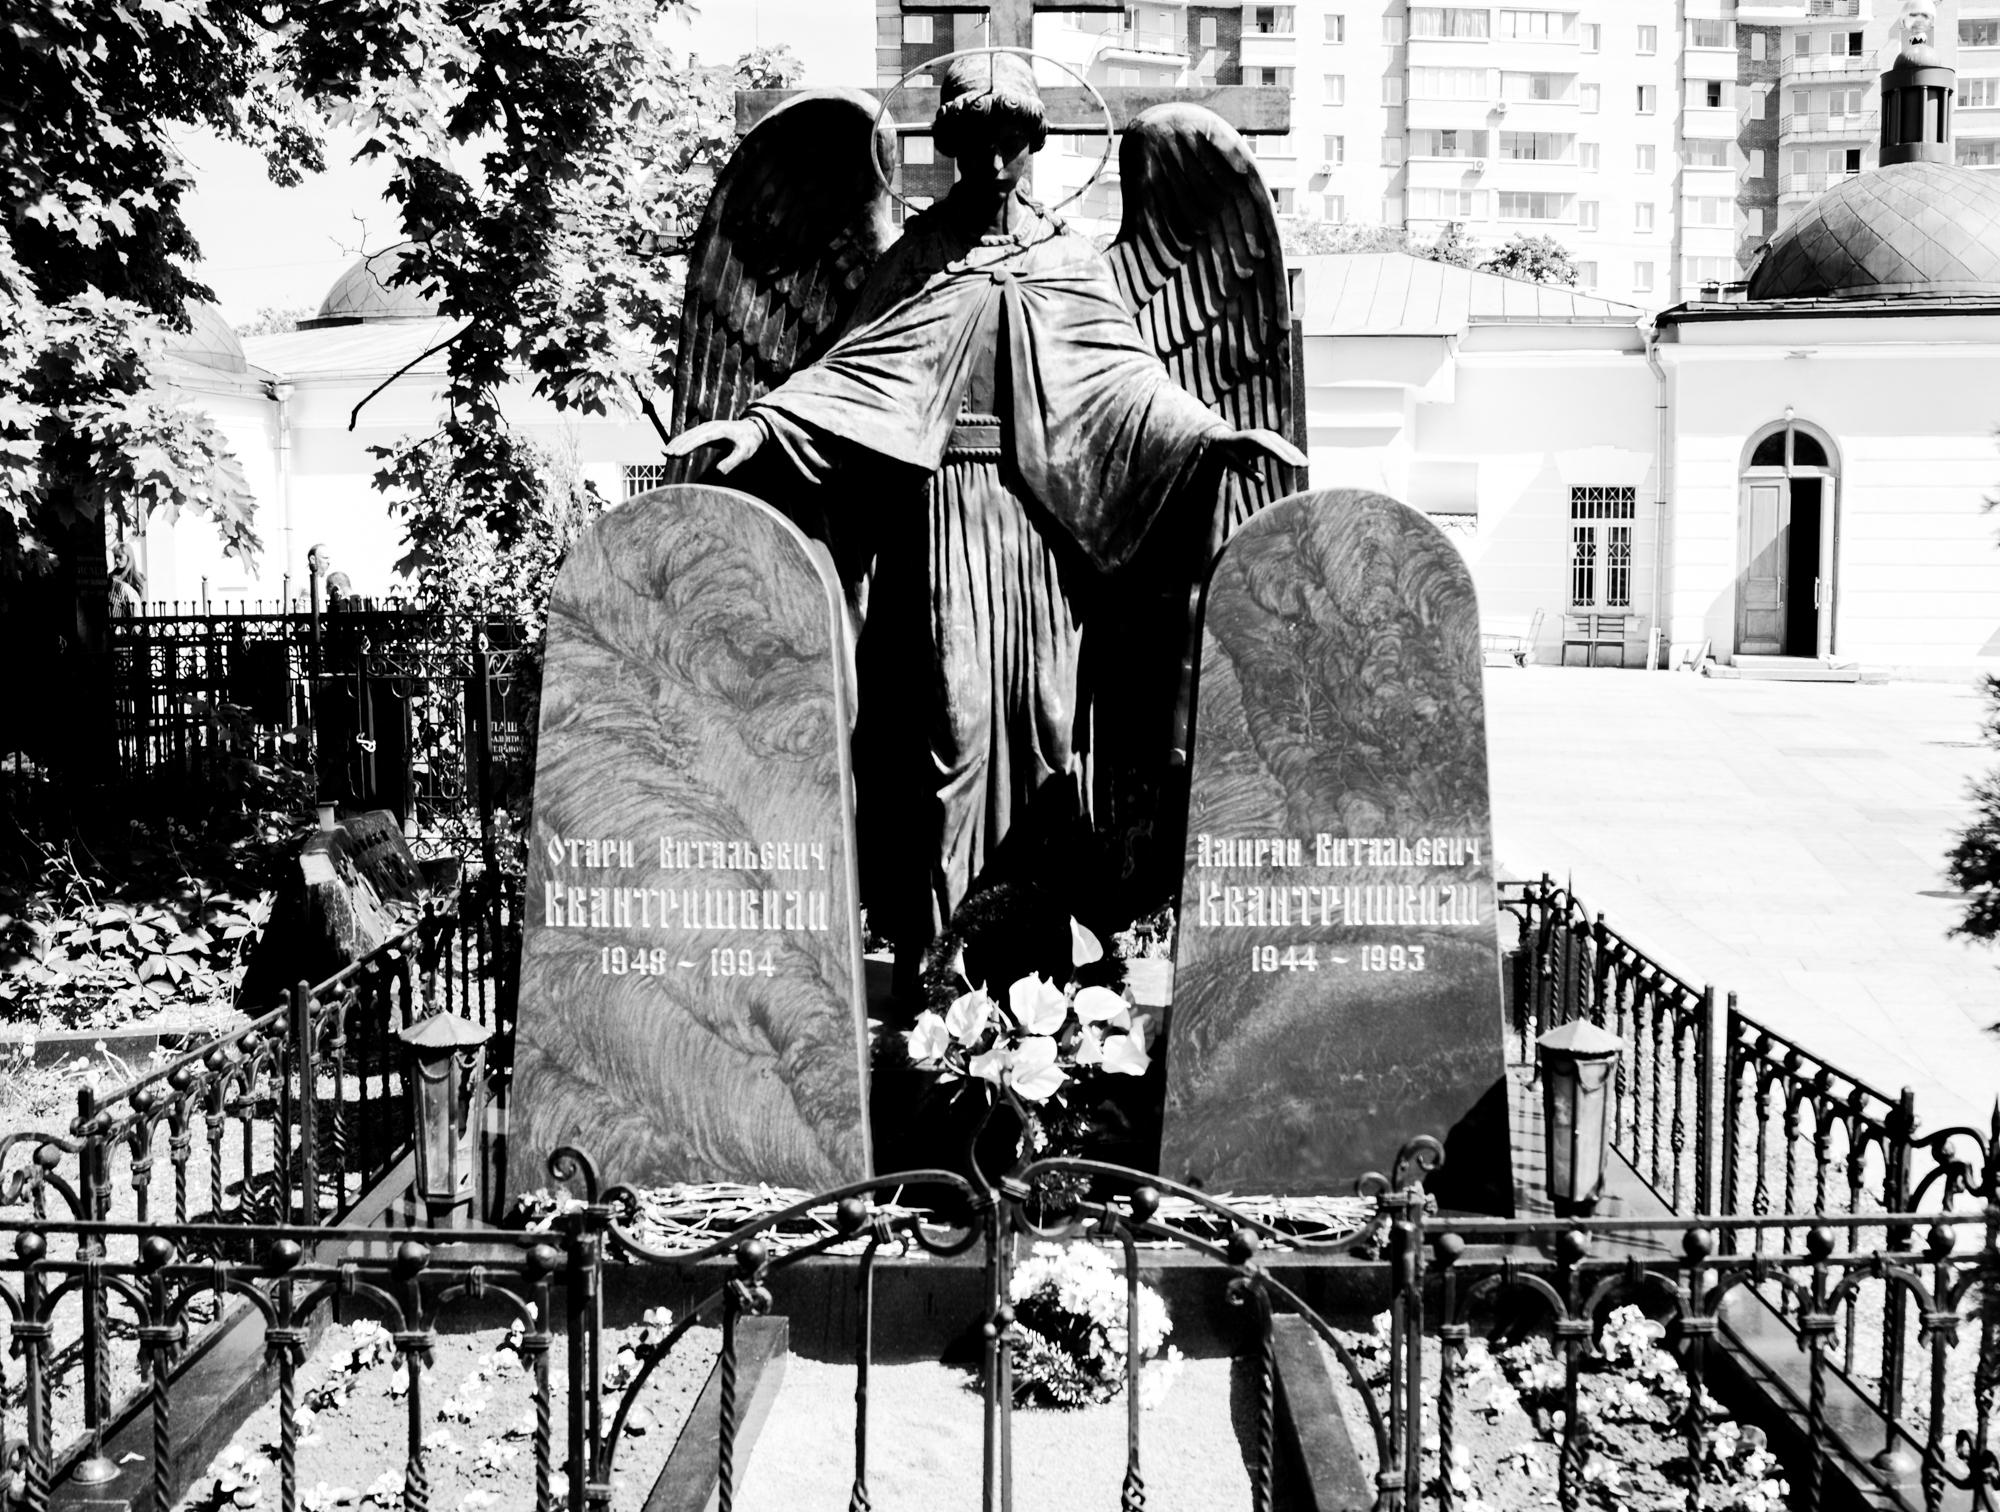 Ваганьковское кладбище - Отари Квантришвили